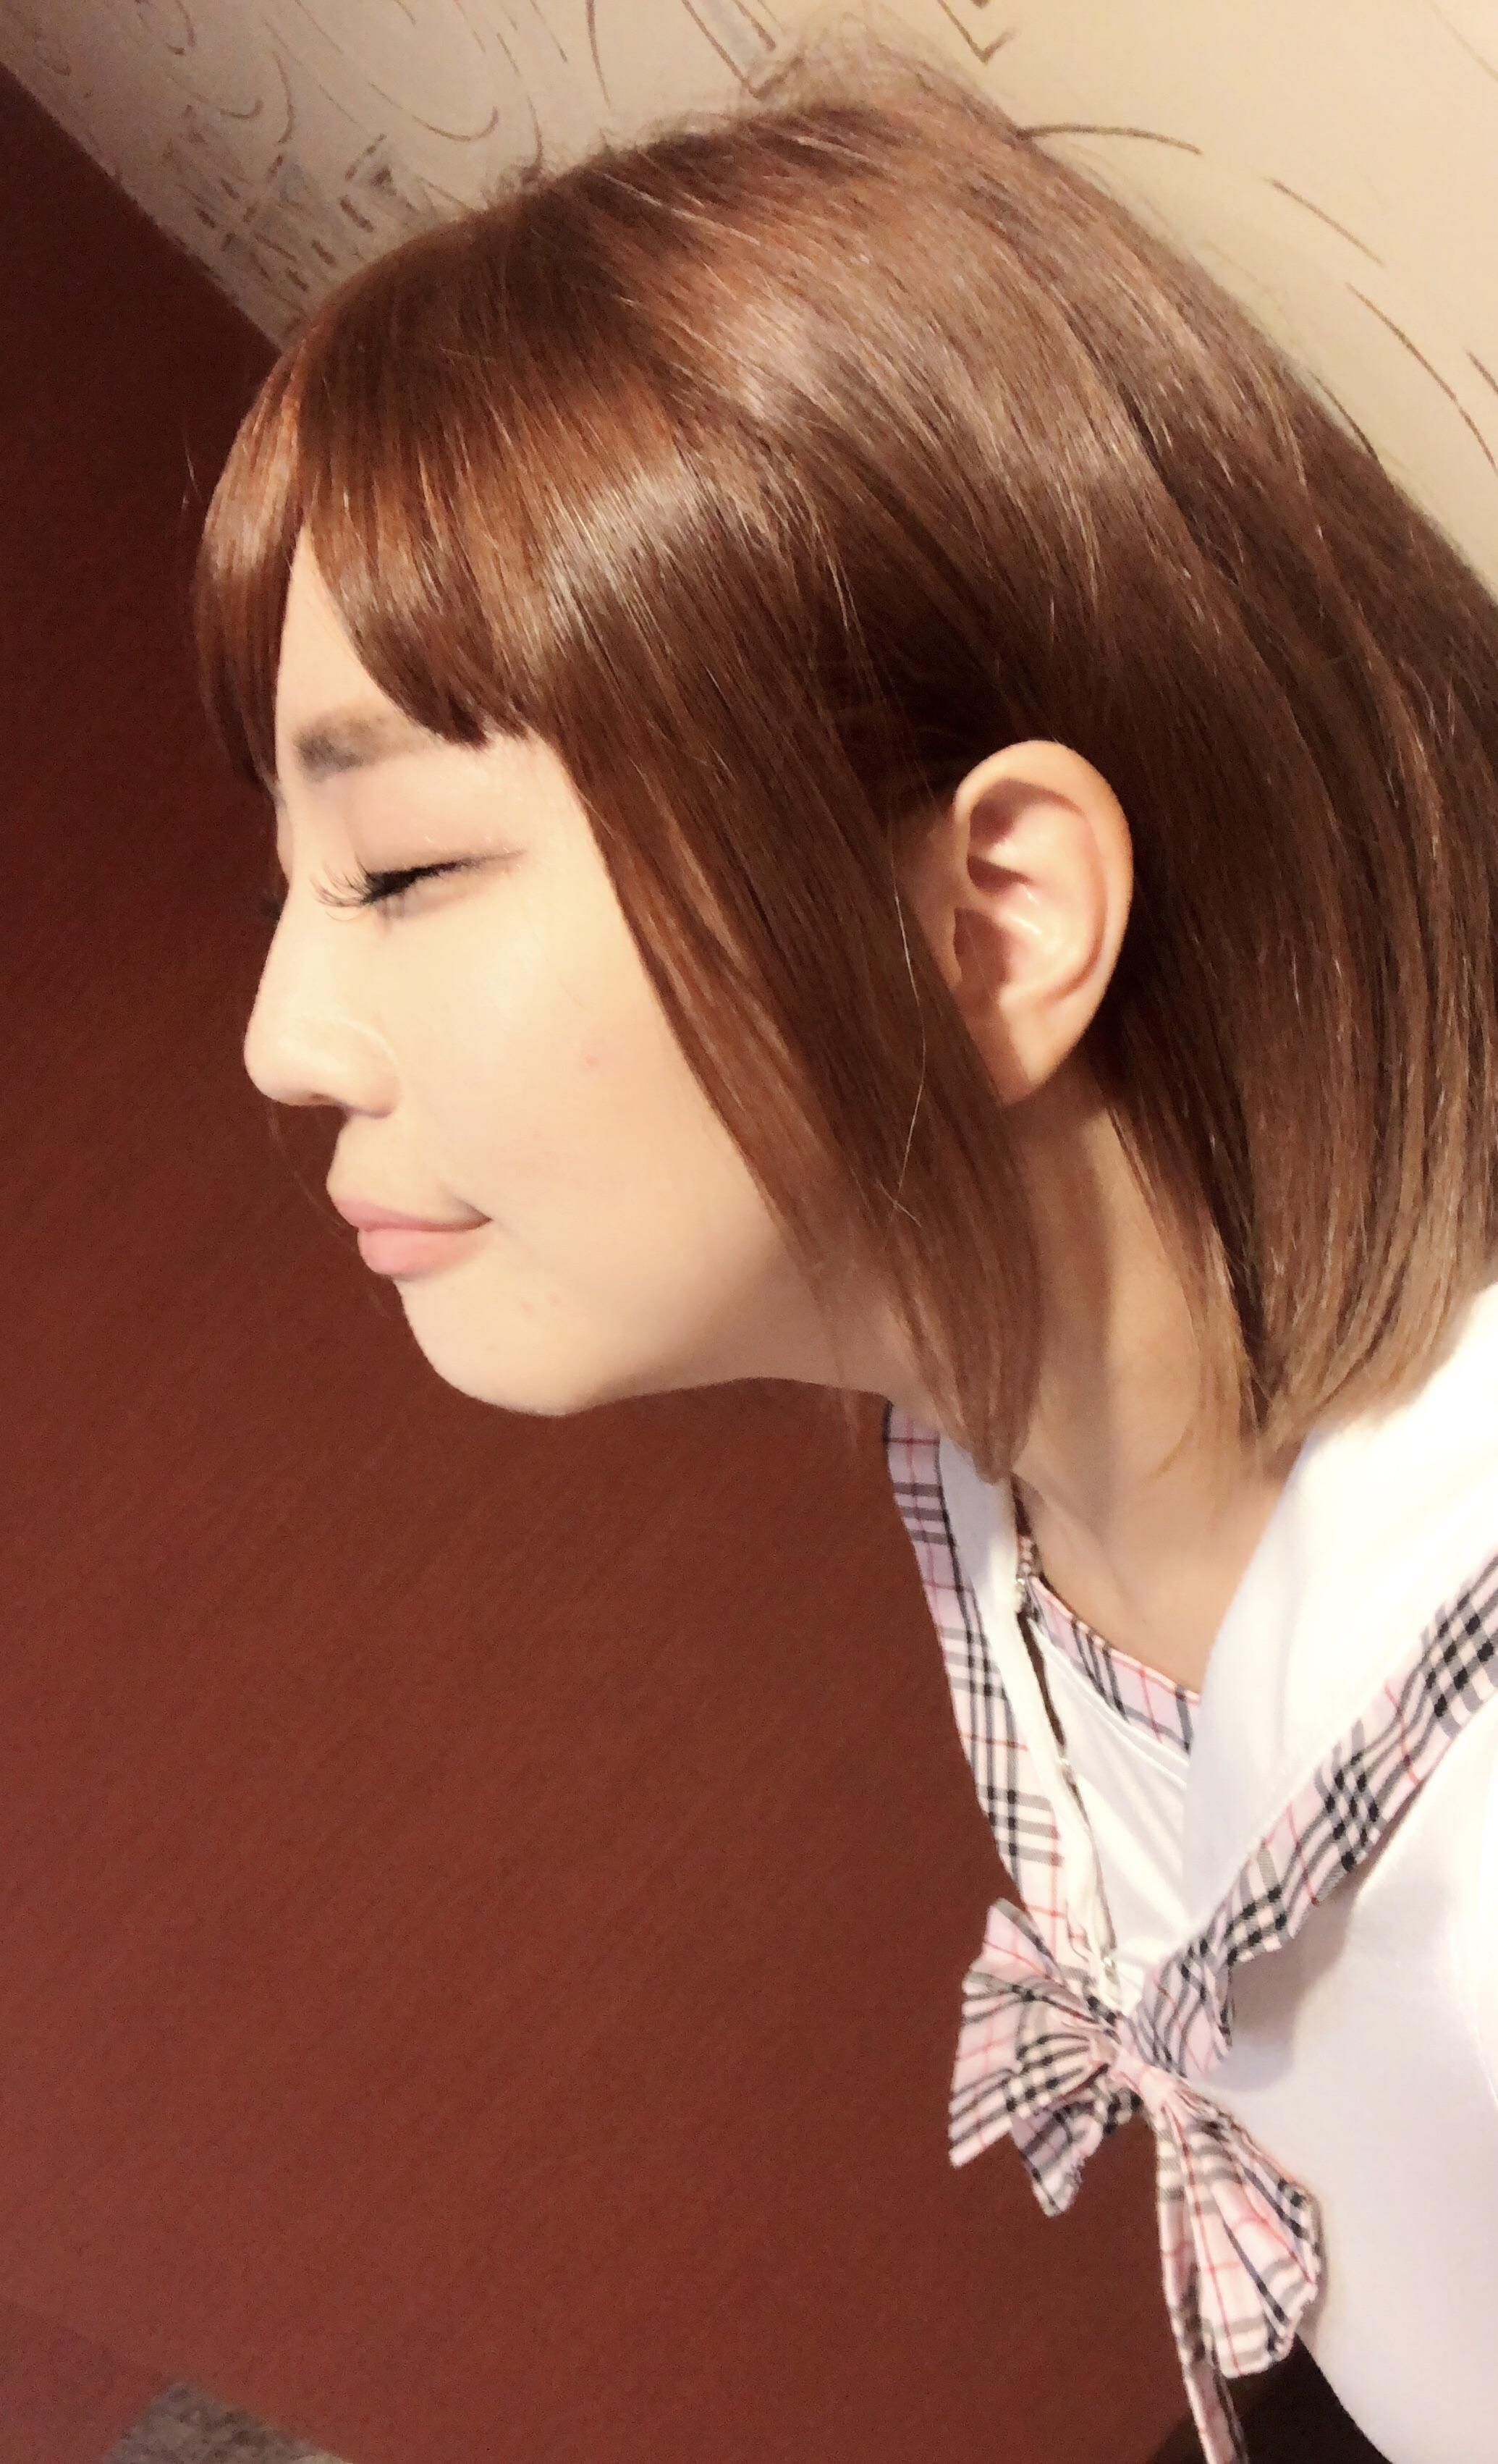 「待ってます♡」06/19(火) 17:17   ゆめの写メ・風俗動画